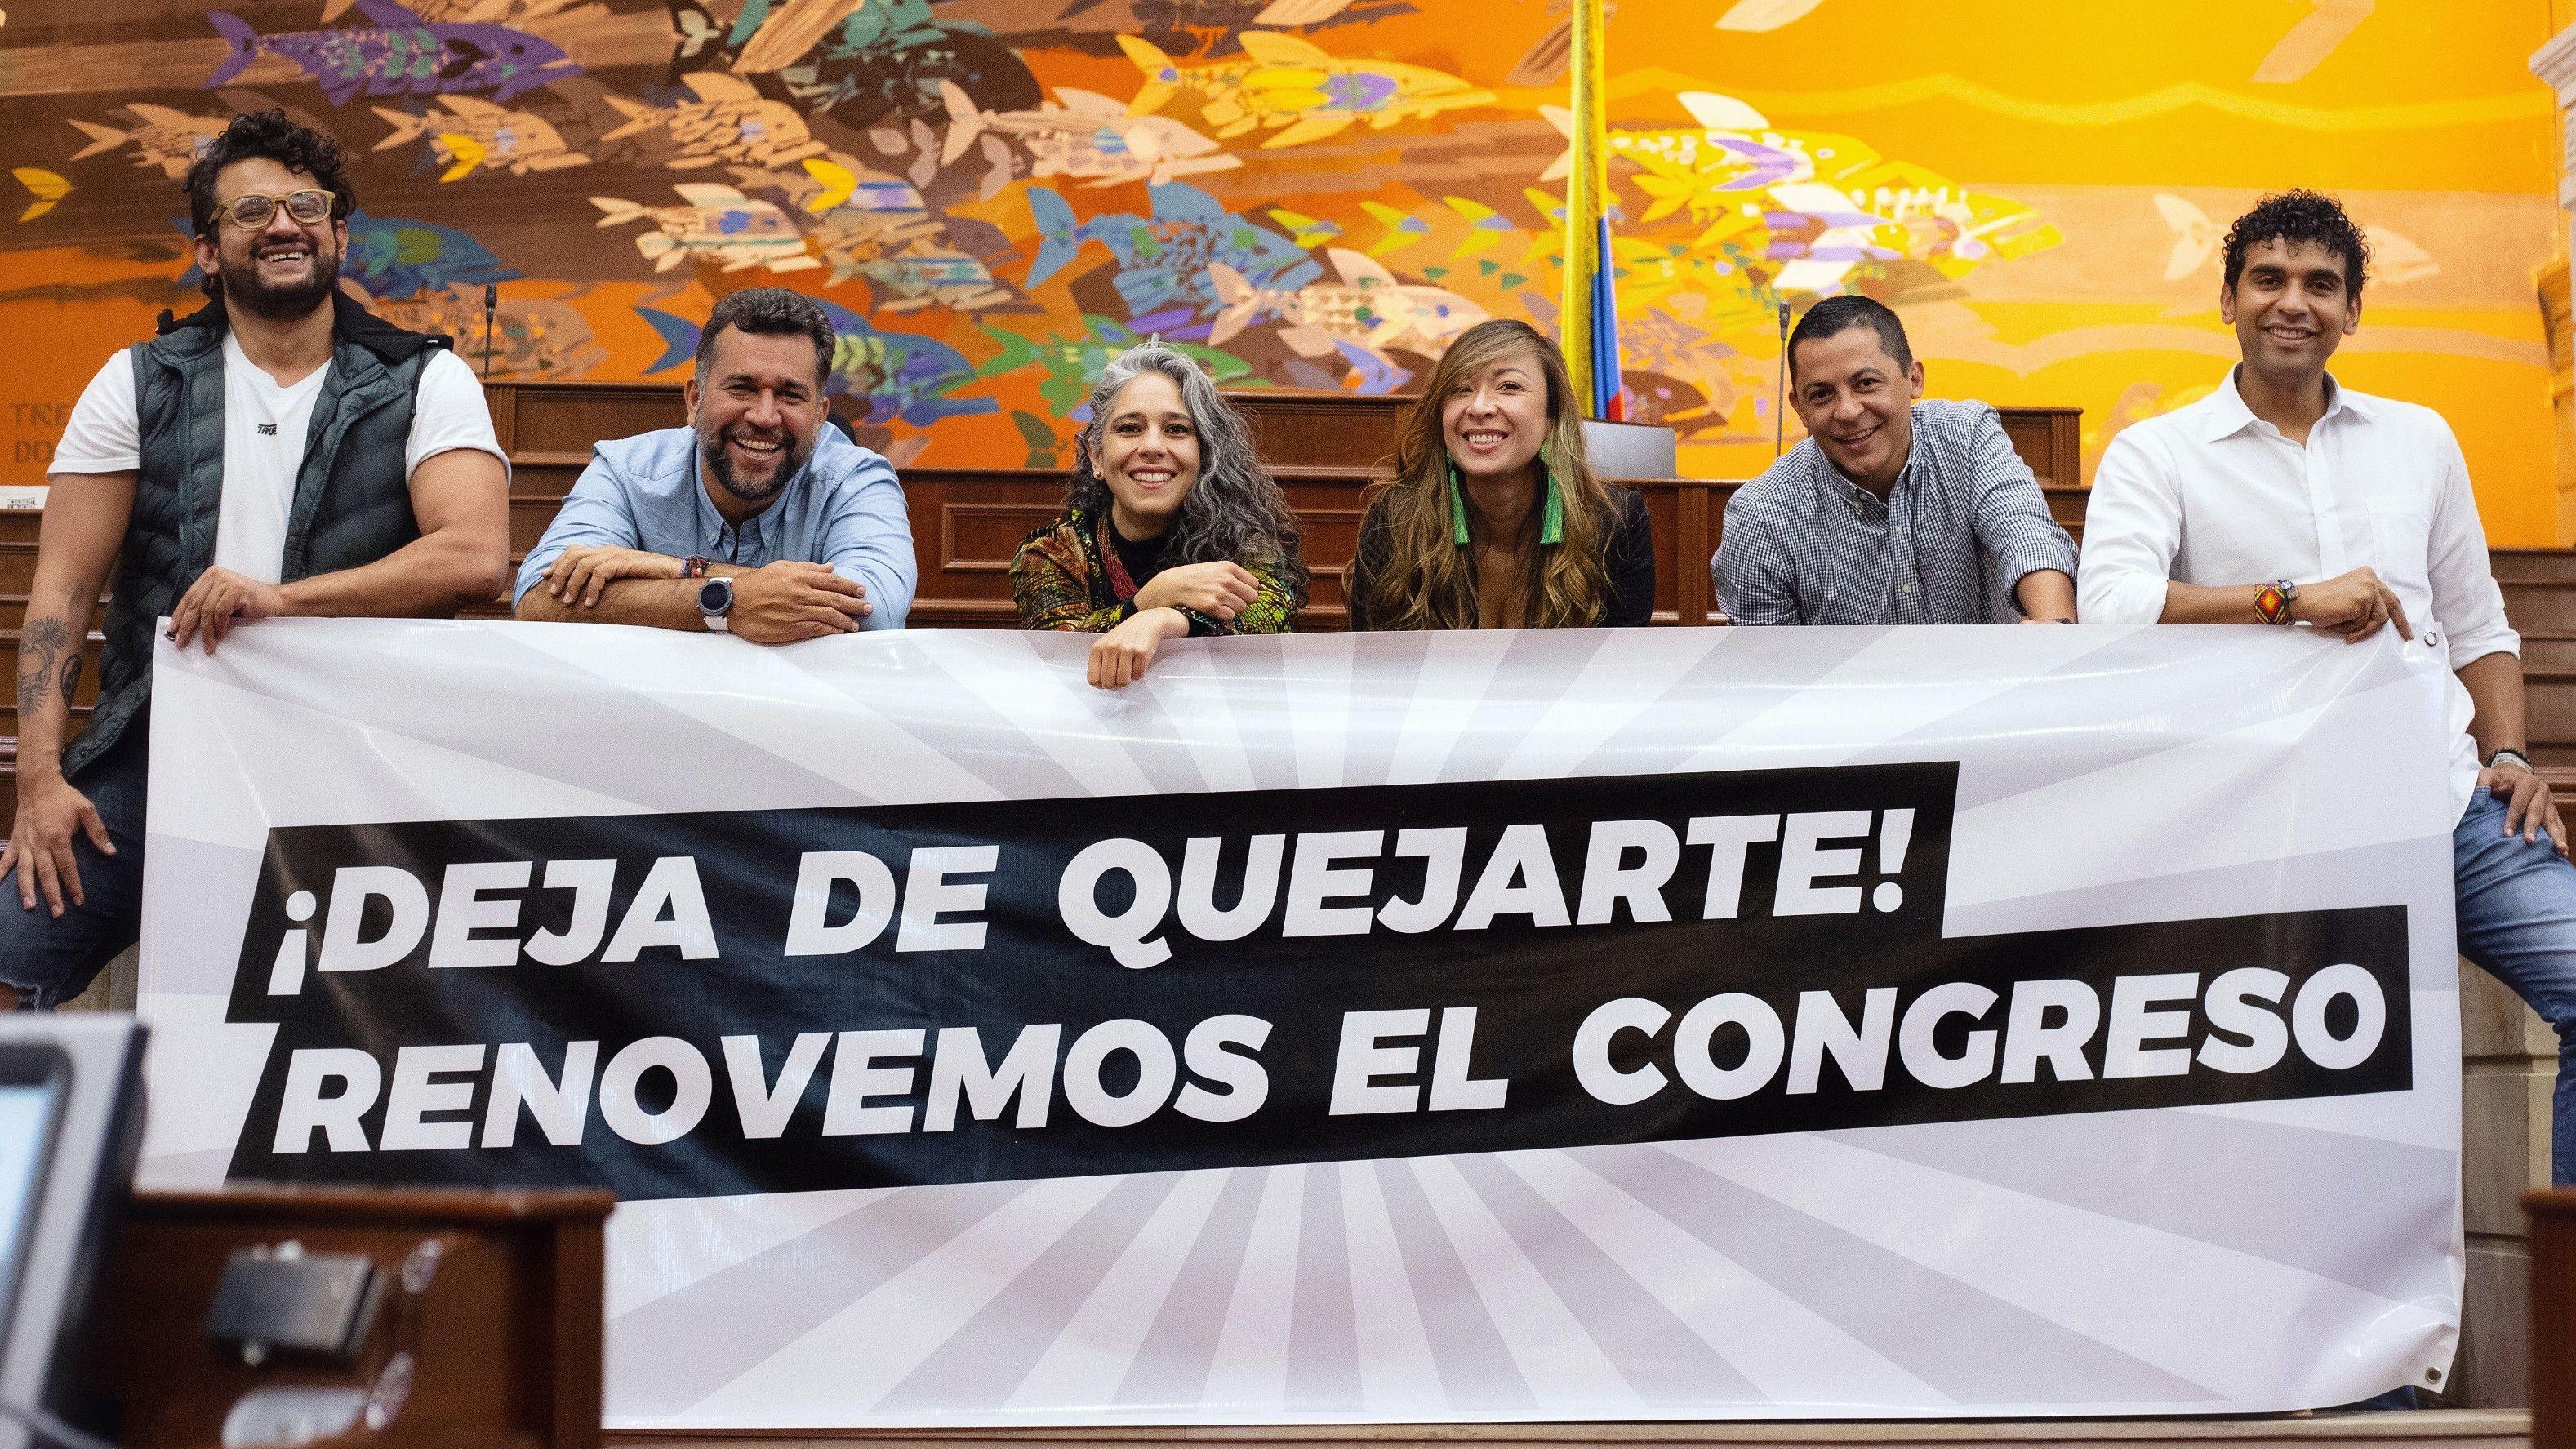 Congresistas de oposición Inti Asprilla, León Fredy Muñoz, María José Pizarro, Katherine Miranda y David Racero. Foto: Twitter.